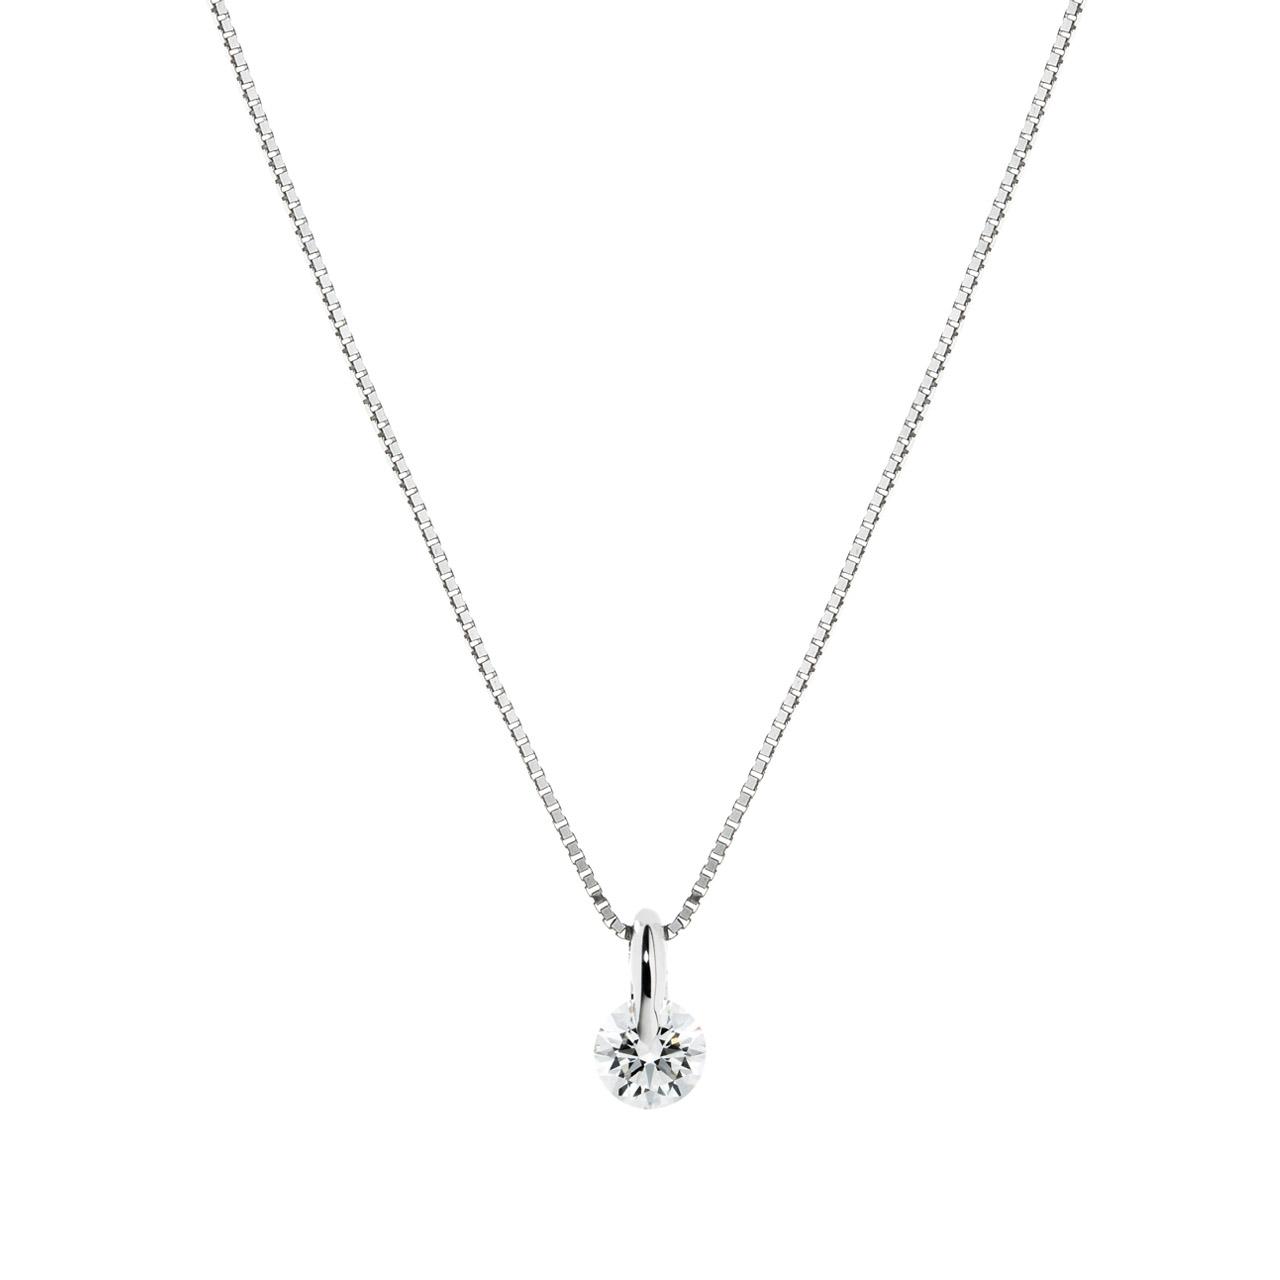 PT900 1ポイント ダイヤモンド ペンダント 40cm 0.2ct